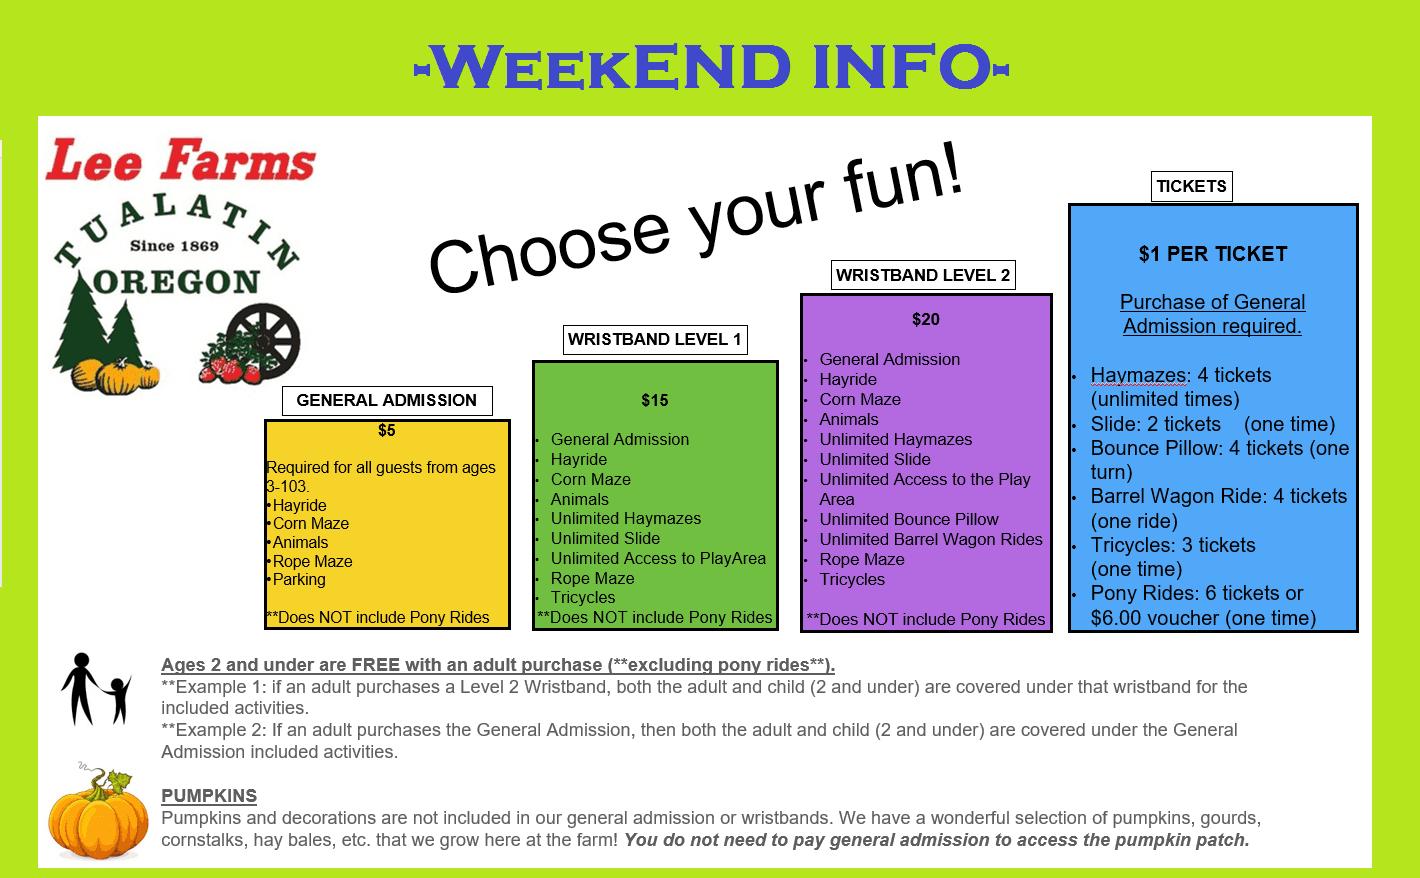 weekend-info